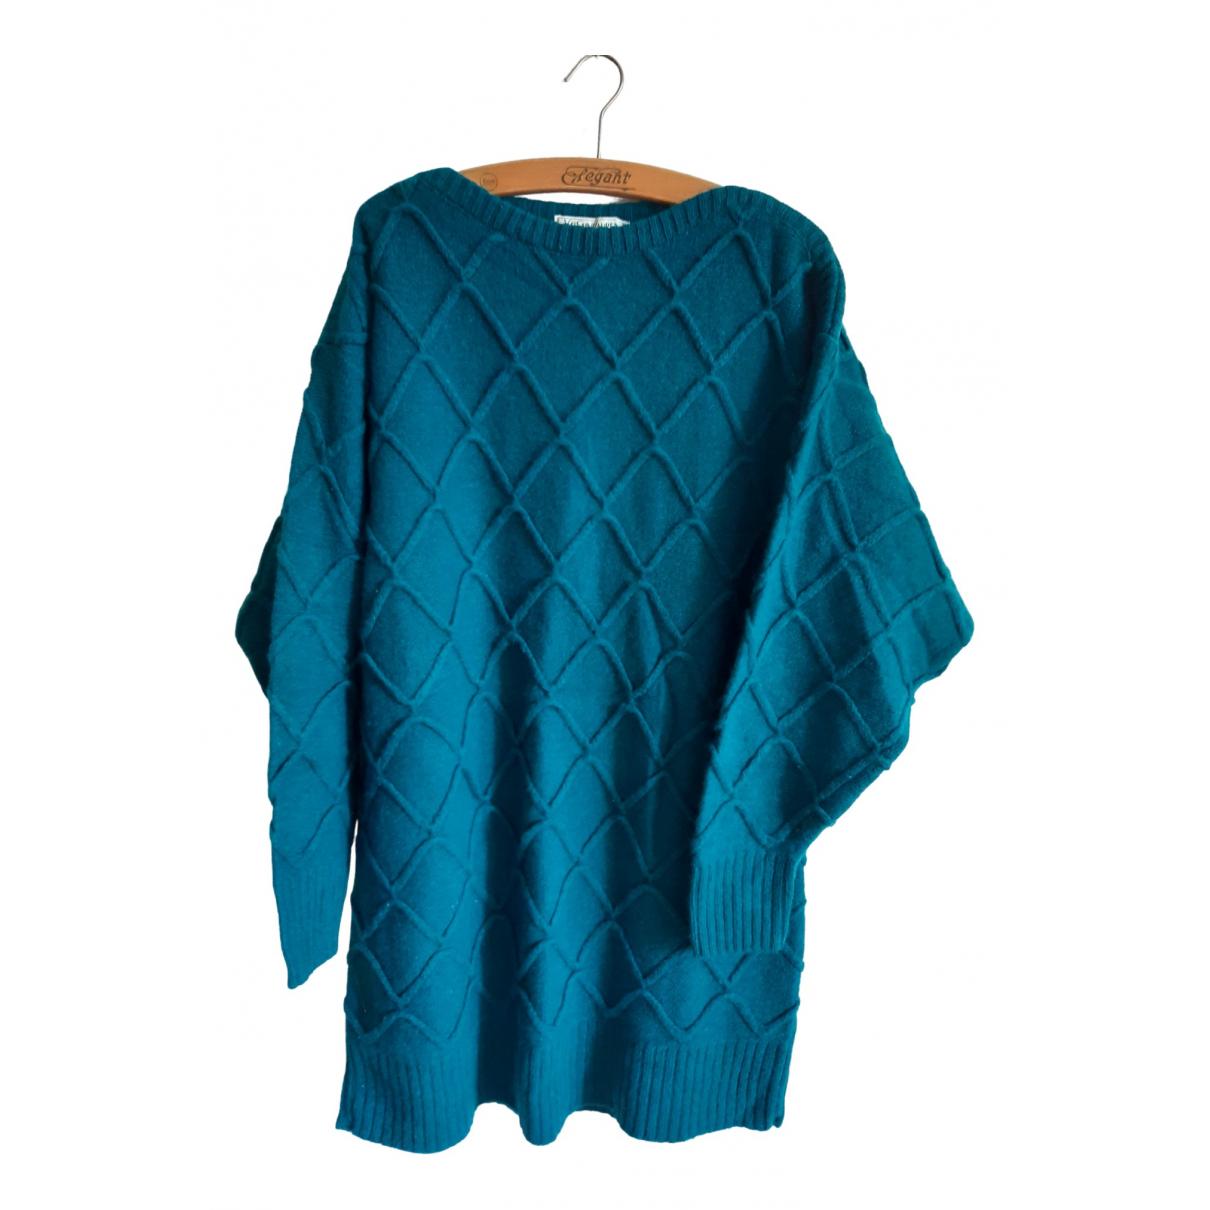 Yves Saint Laurent - Pull   pour femme en laine - turquoise